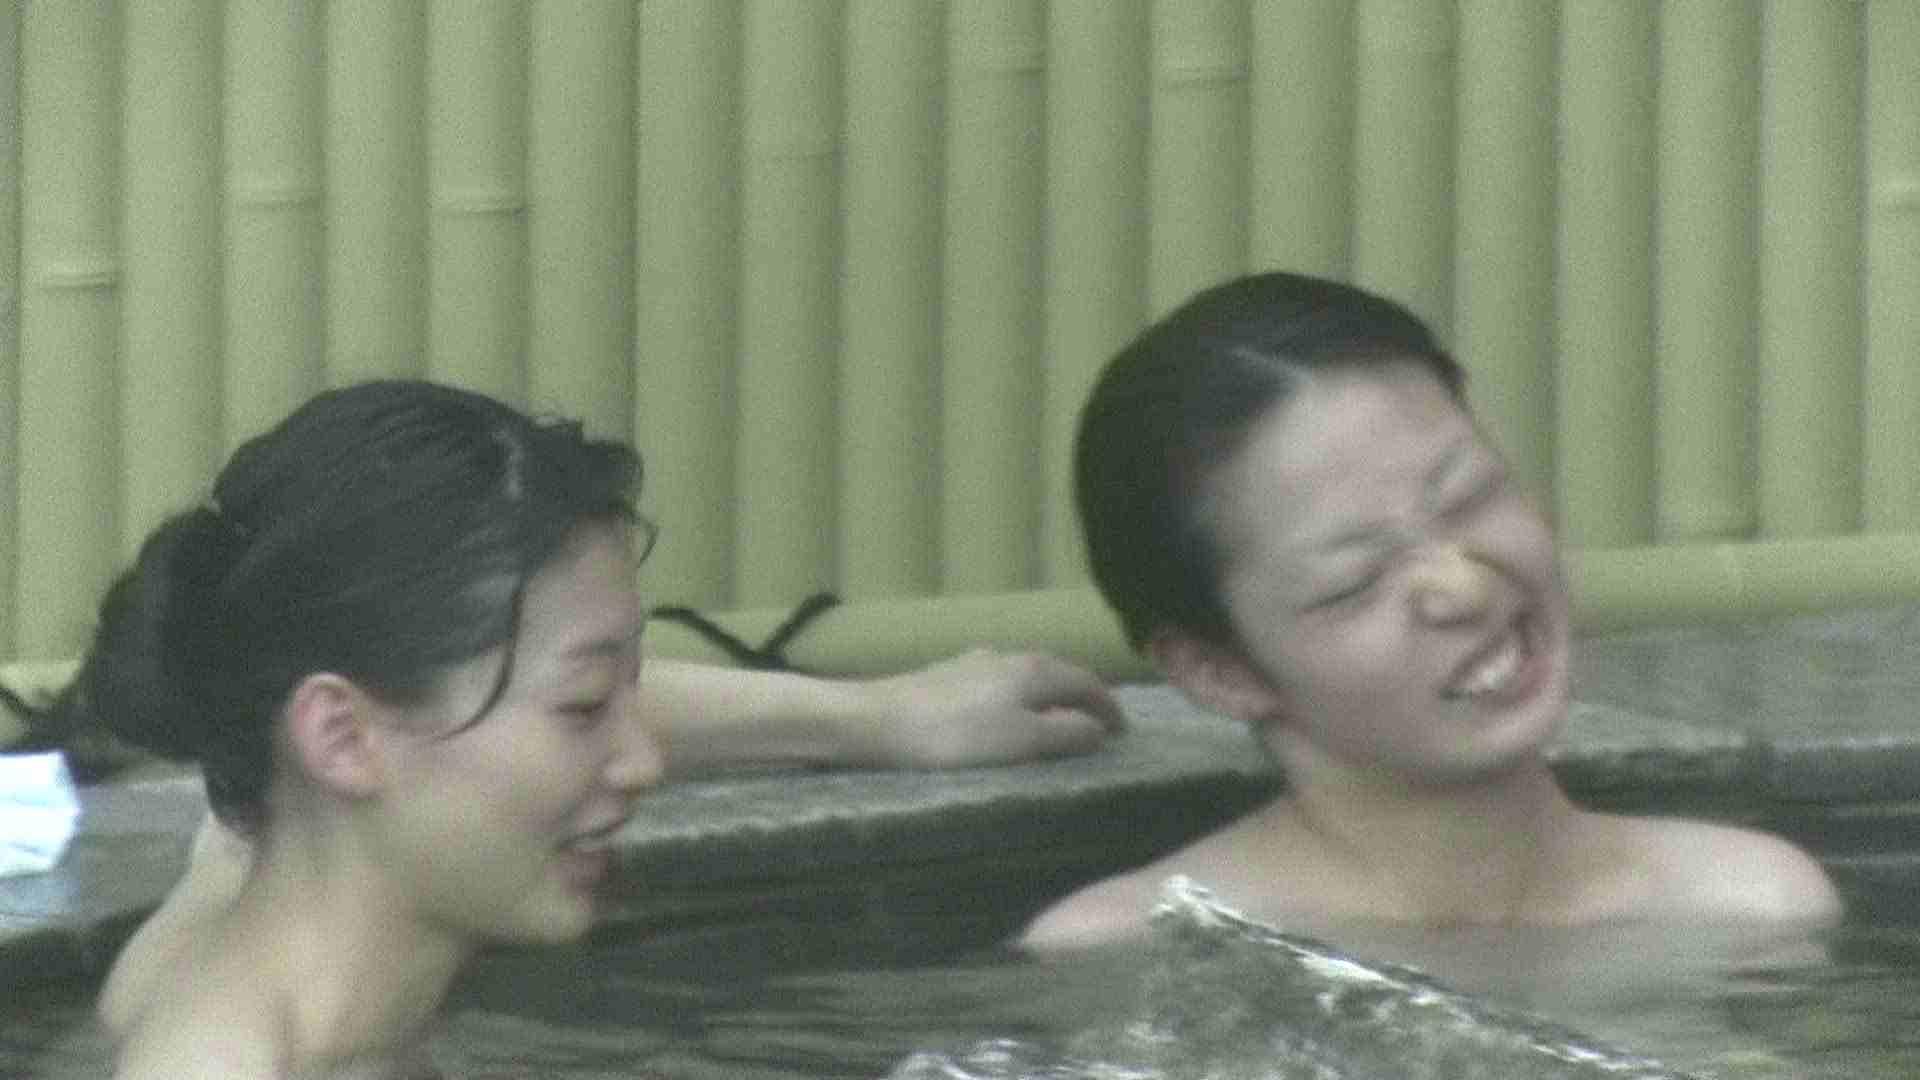 Aquaな露天風呂Vol.195 綺麗なOLたち | 盗撮  93枚 61